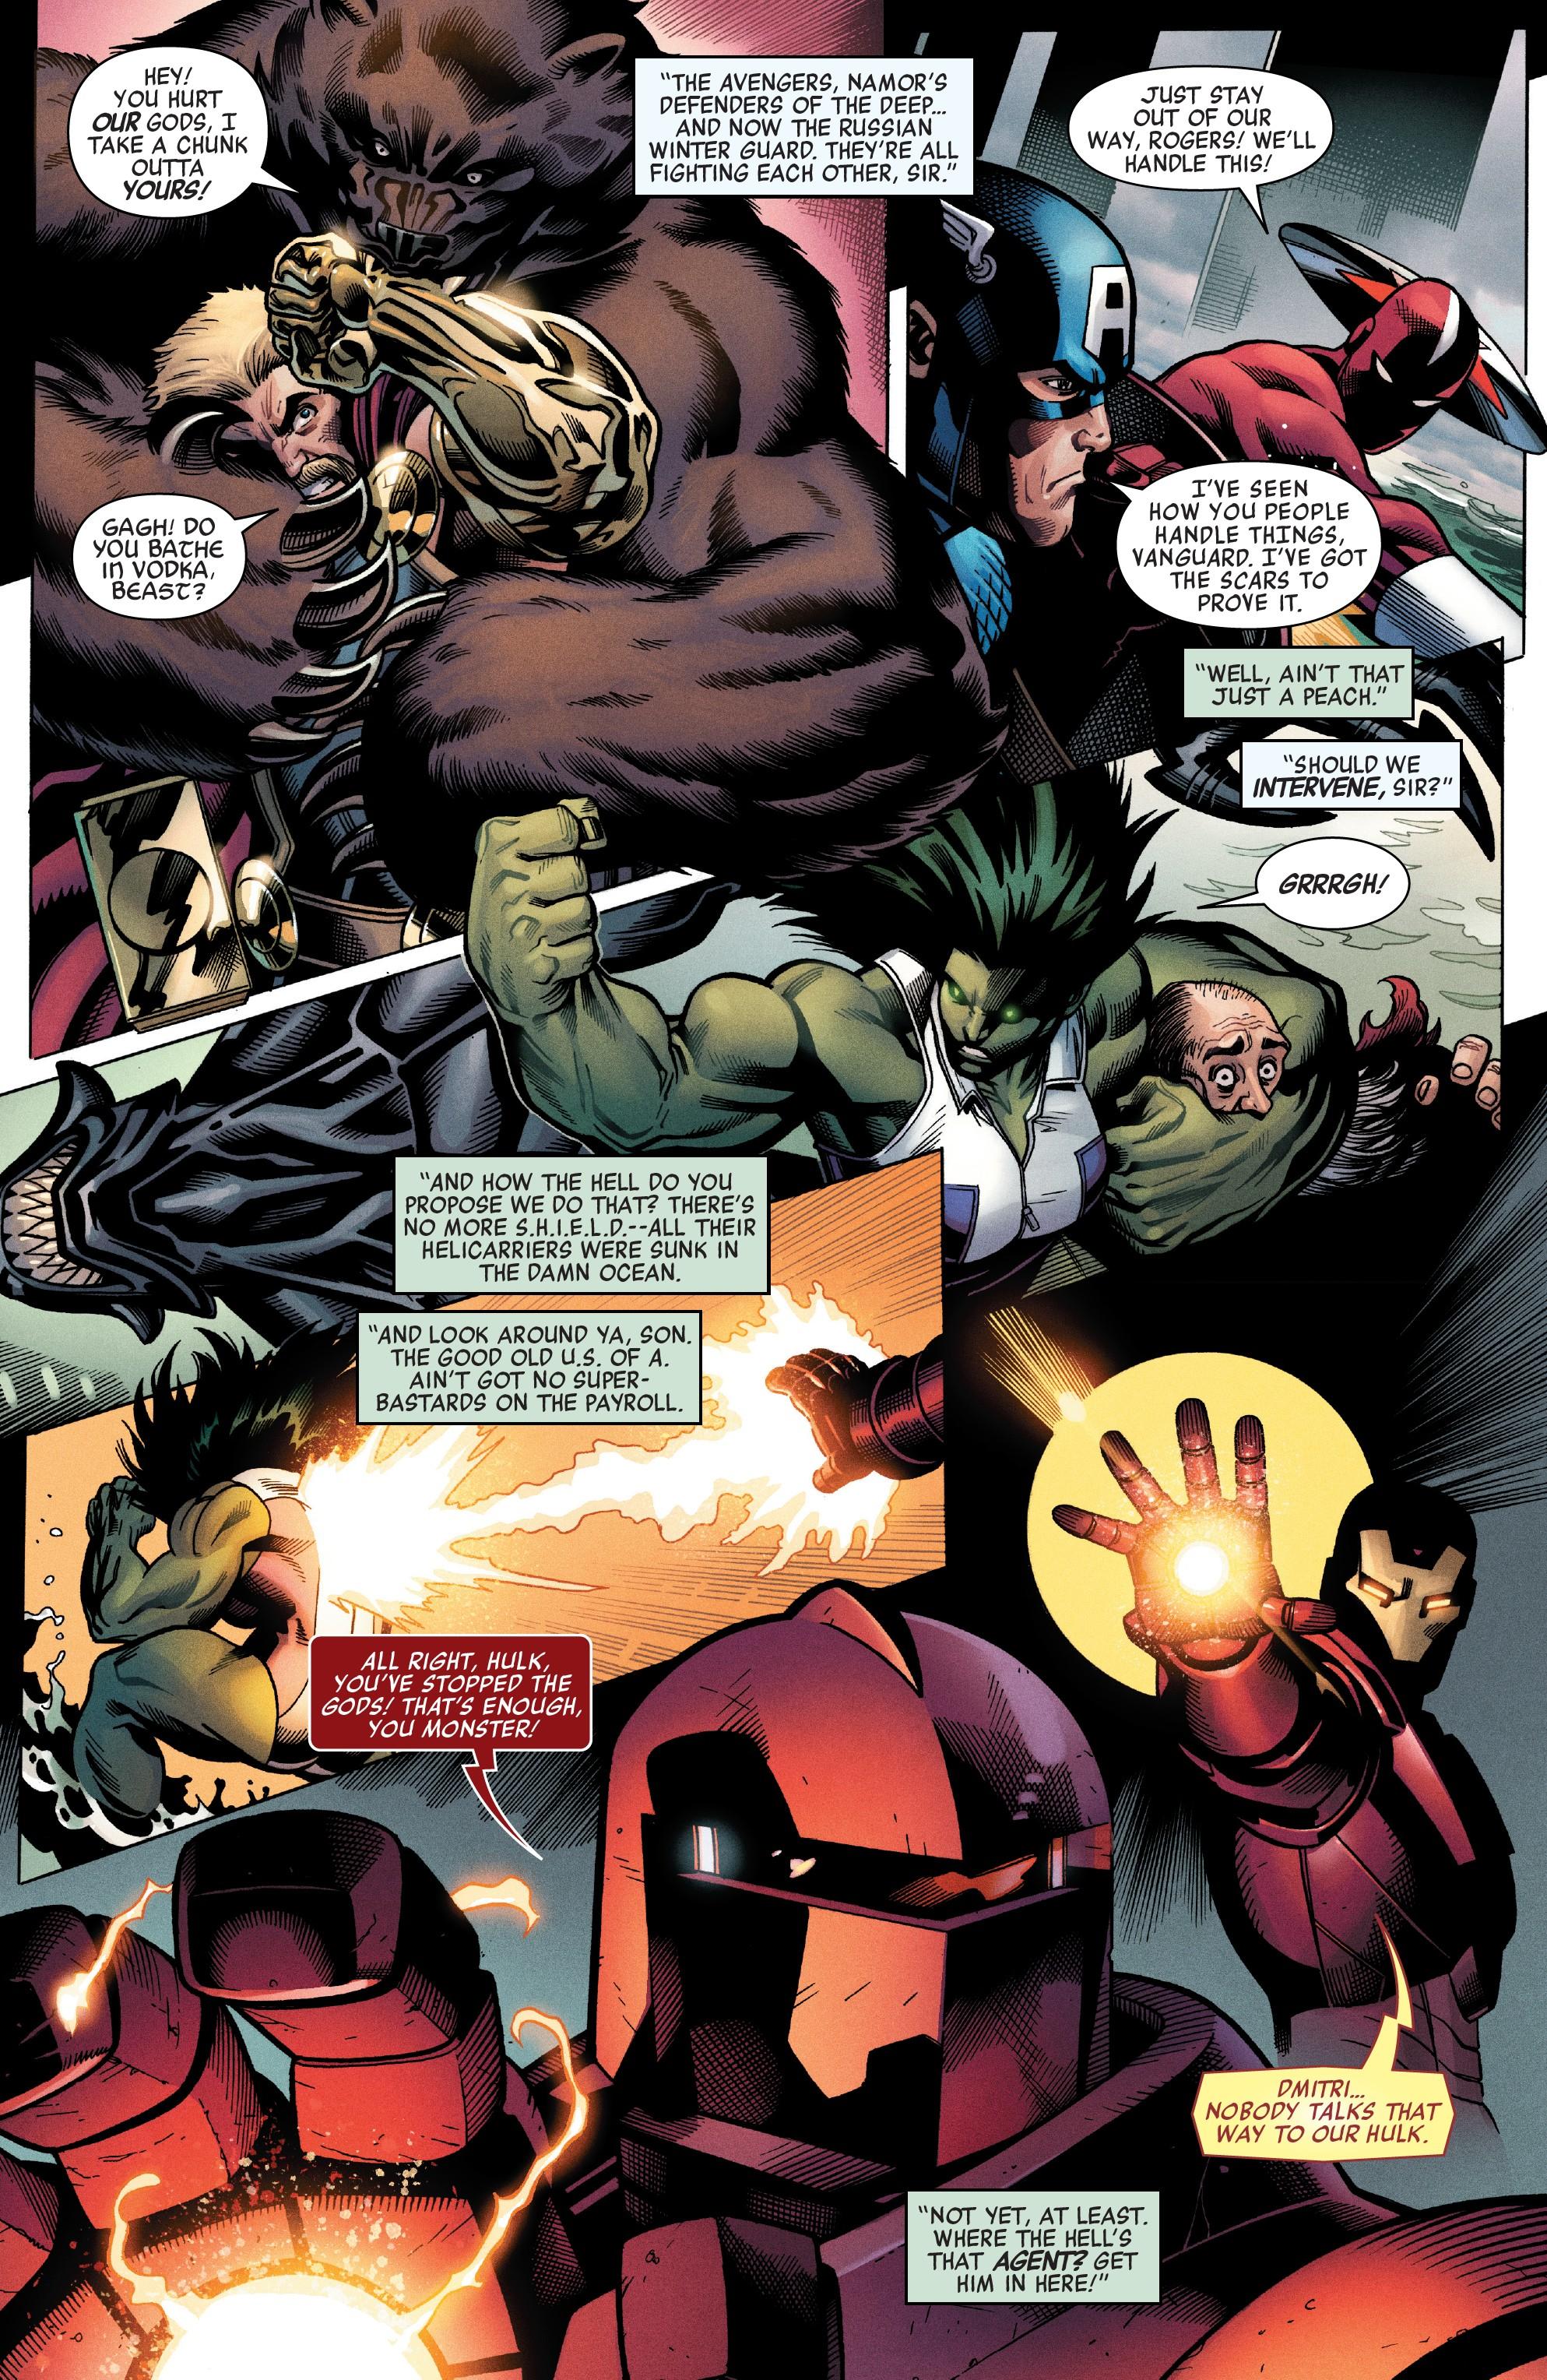 Avengers 010 022